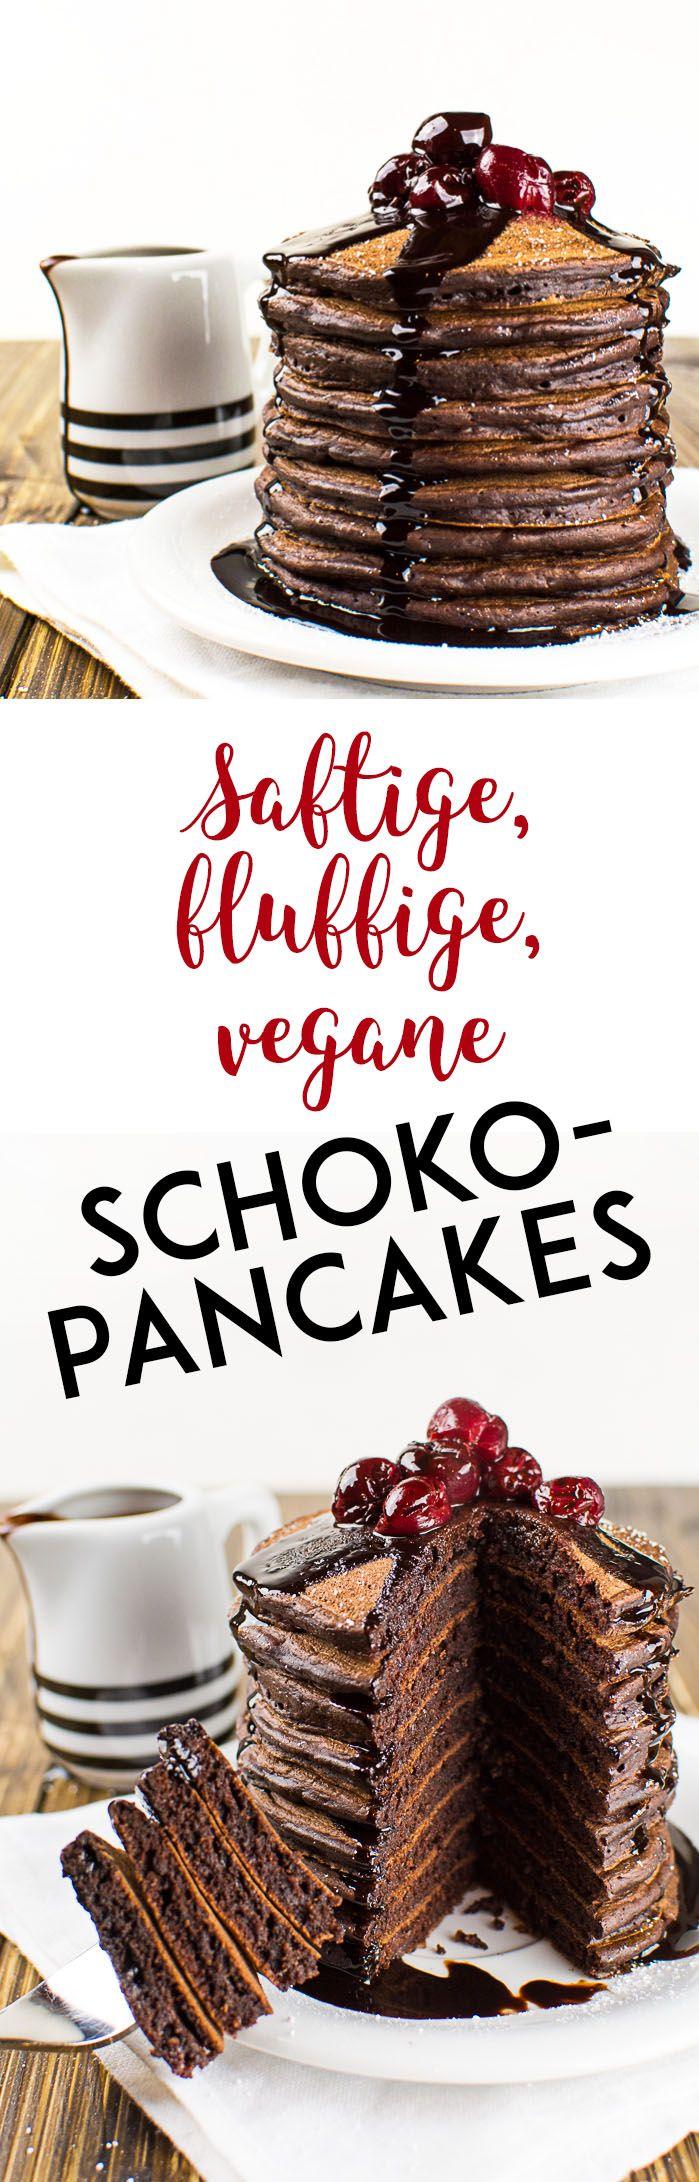 Schoko-Pancakes. Entdeckt von Vegalife Rocks: www.vegaliferocks.de✨ I Fleischlos glücklich, fit & Gesund✨ I Follow me for more inspiration @vegaliferocks